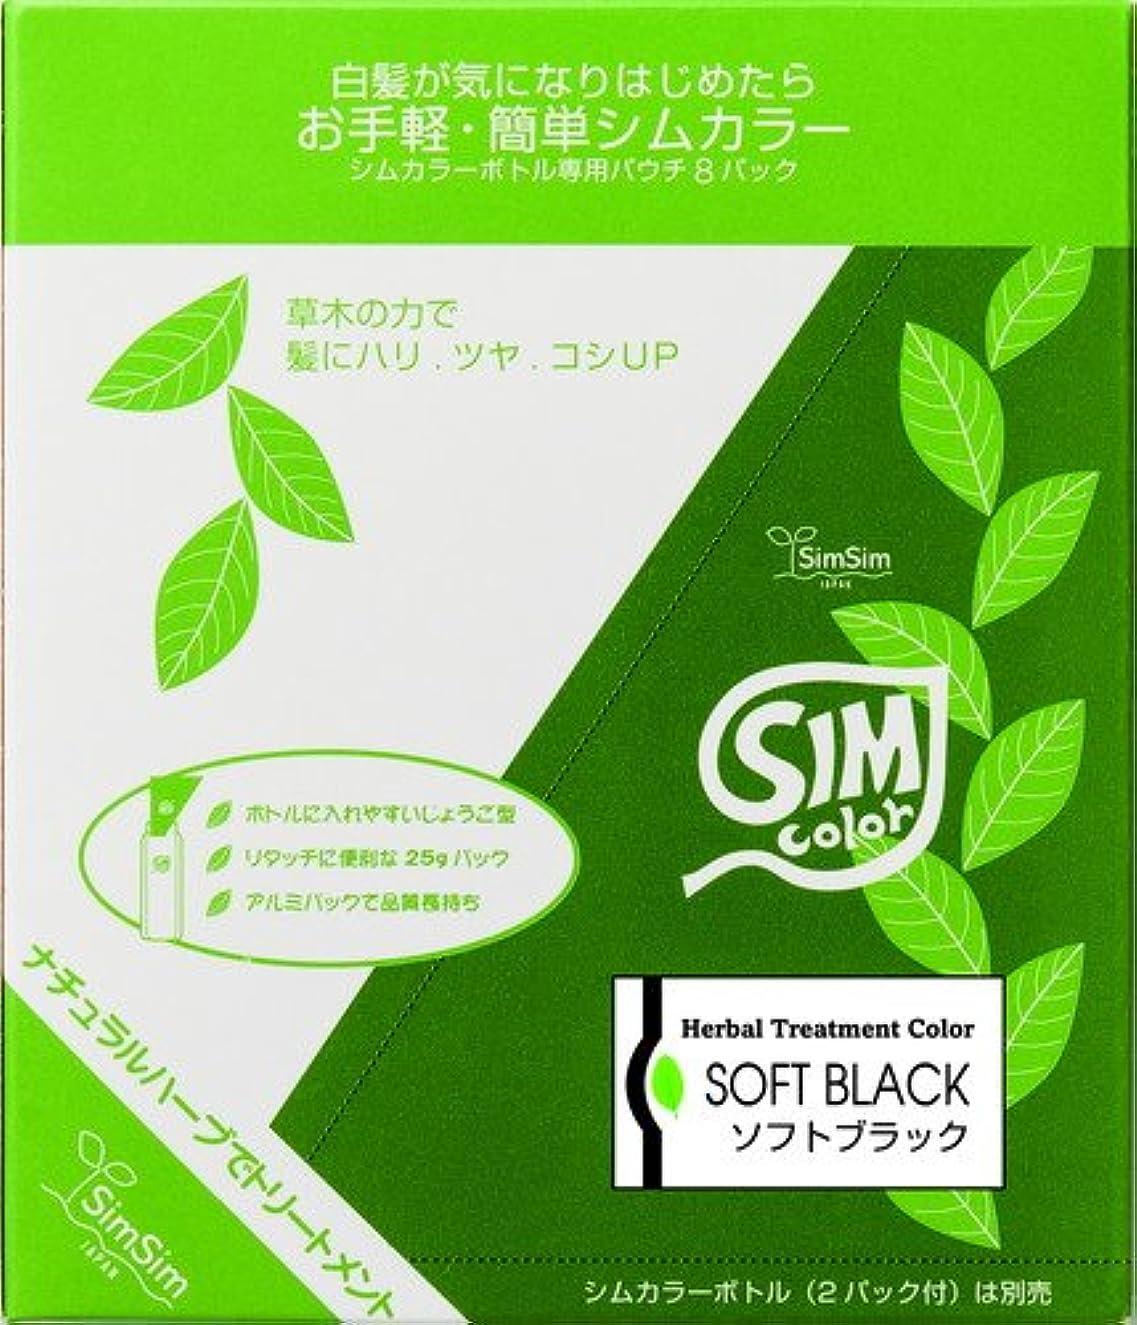 予防接種保険塊SimSim(シムシム)お手軽簡単シムカラーエクストラ(EX)25g 8袋 ソフトブラック